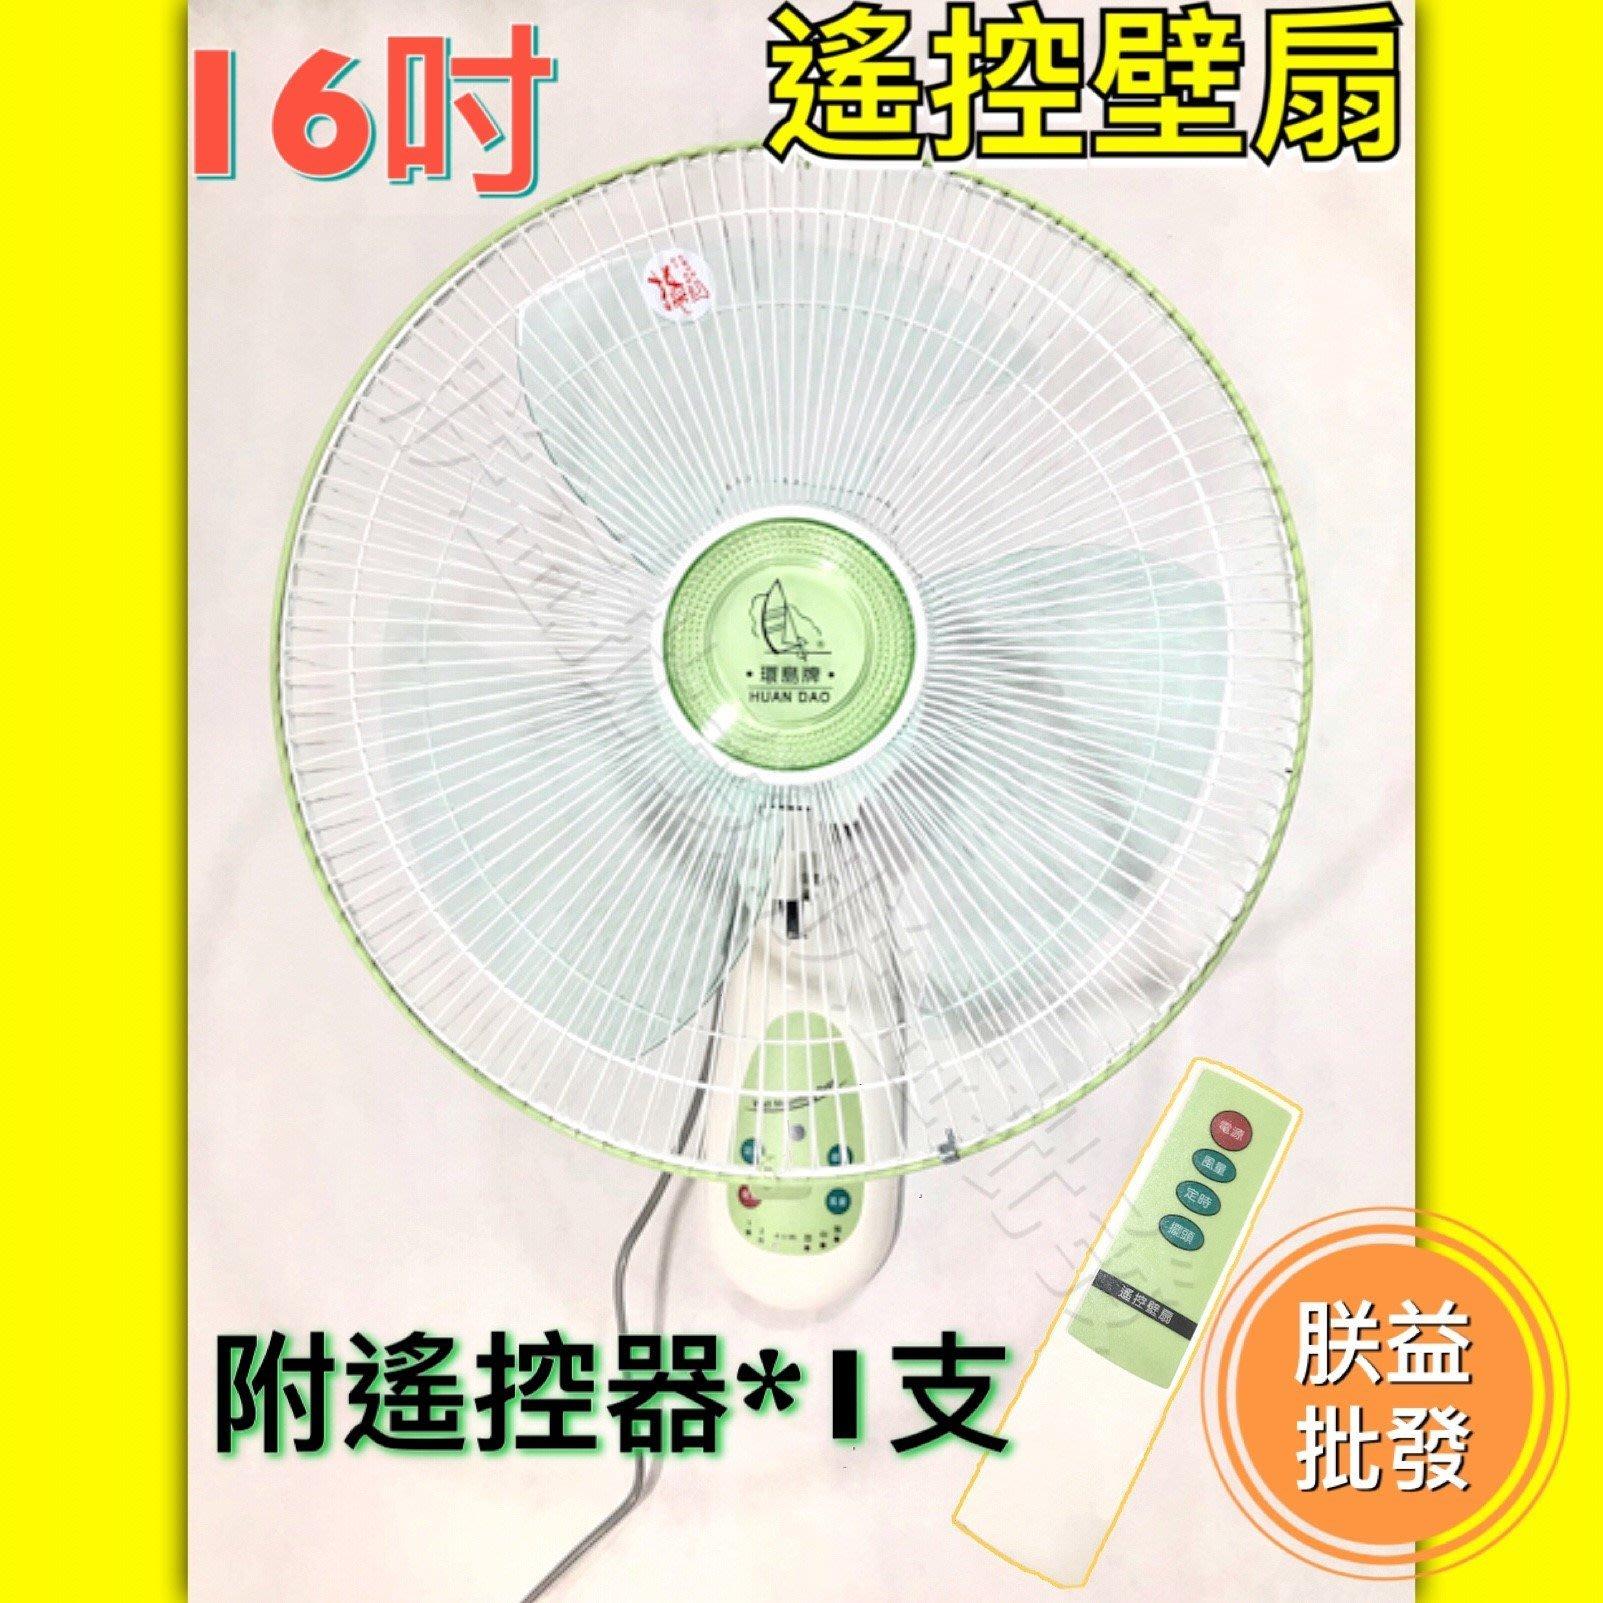 『朕益批發』環島牌 HD-160R 16吋 遙控壁扇 遙控操作掛壁扇 太空扇 壁式通風扇 電風扇 壁掛扇 (台灣製造)